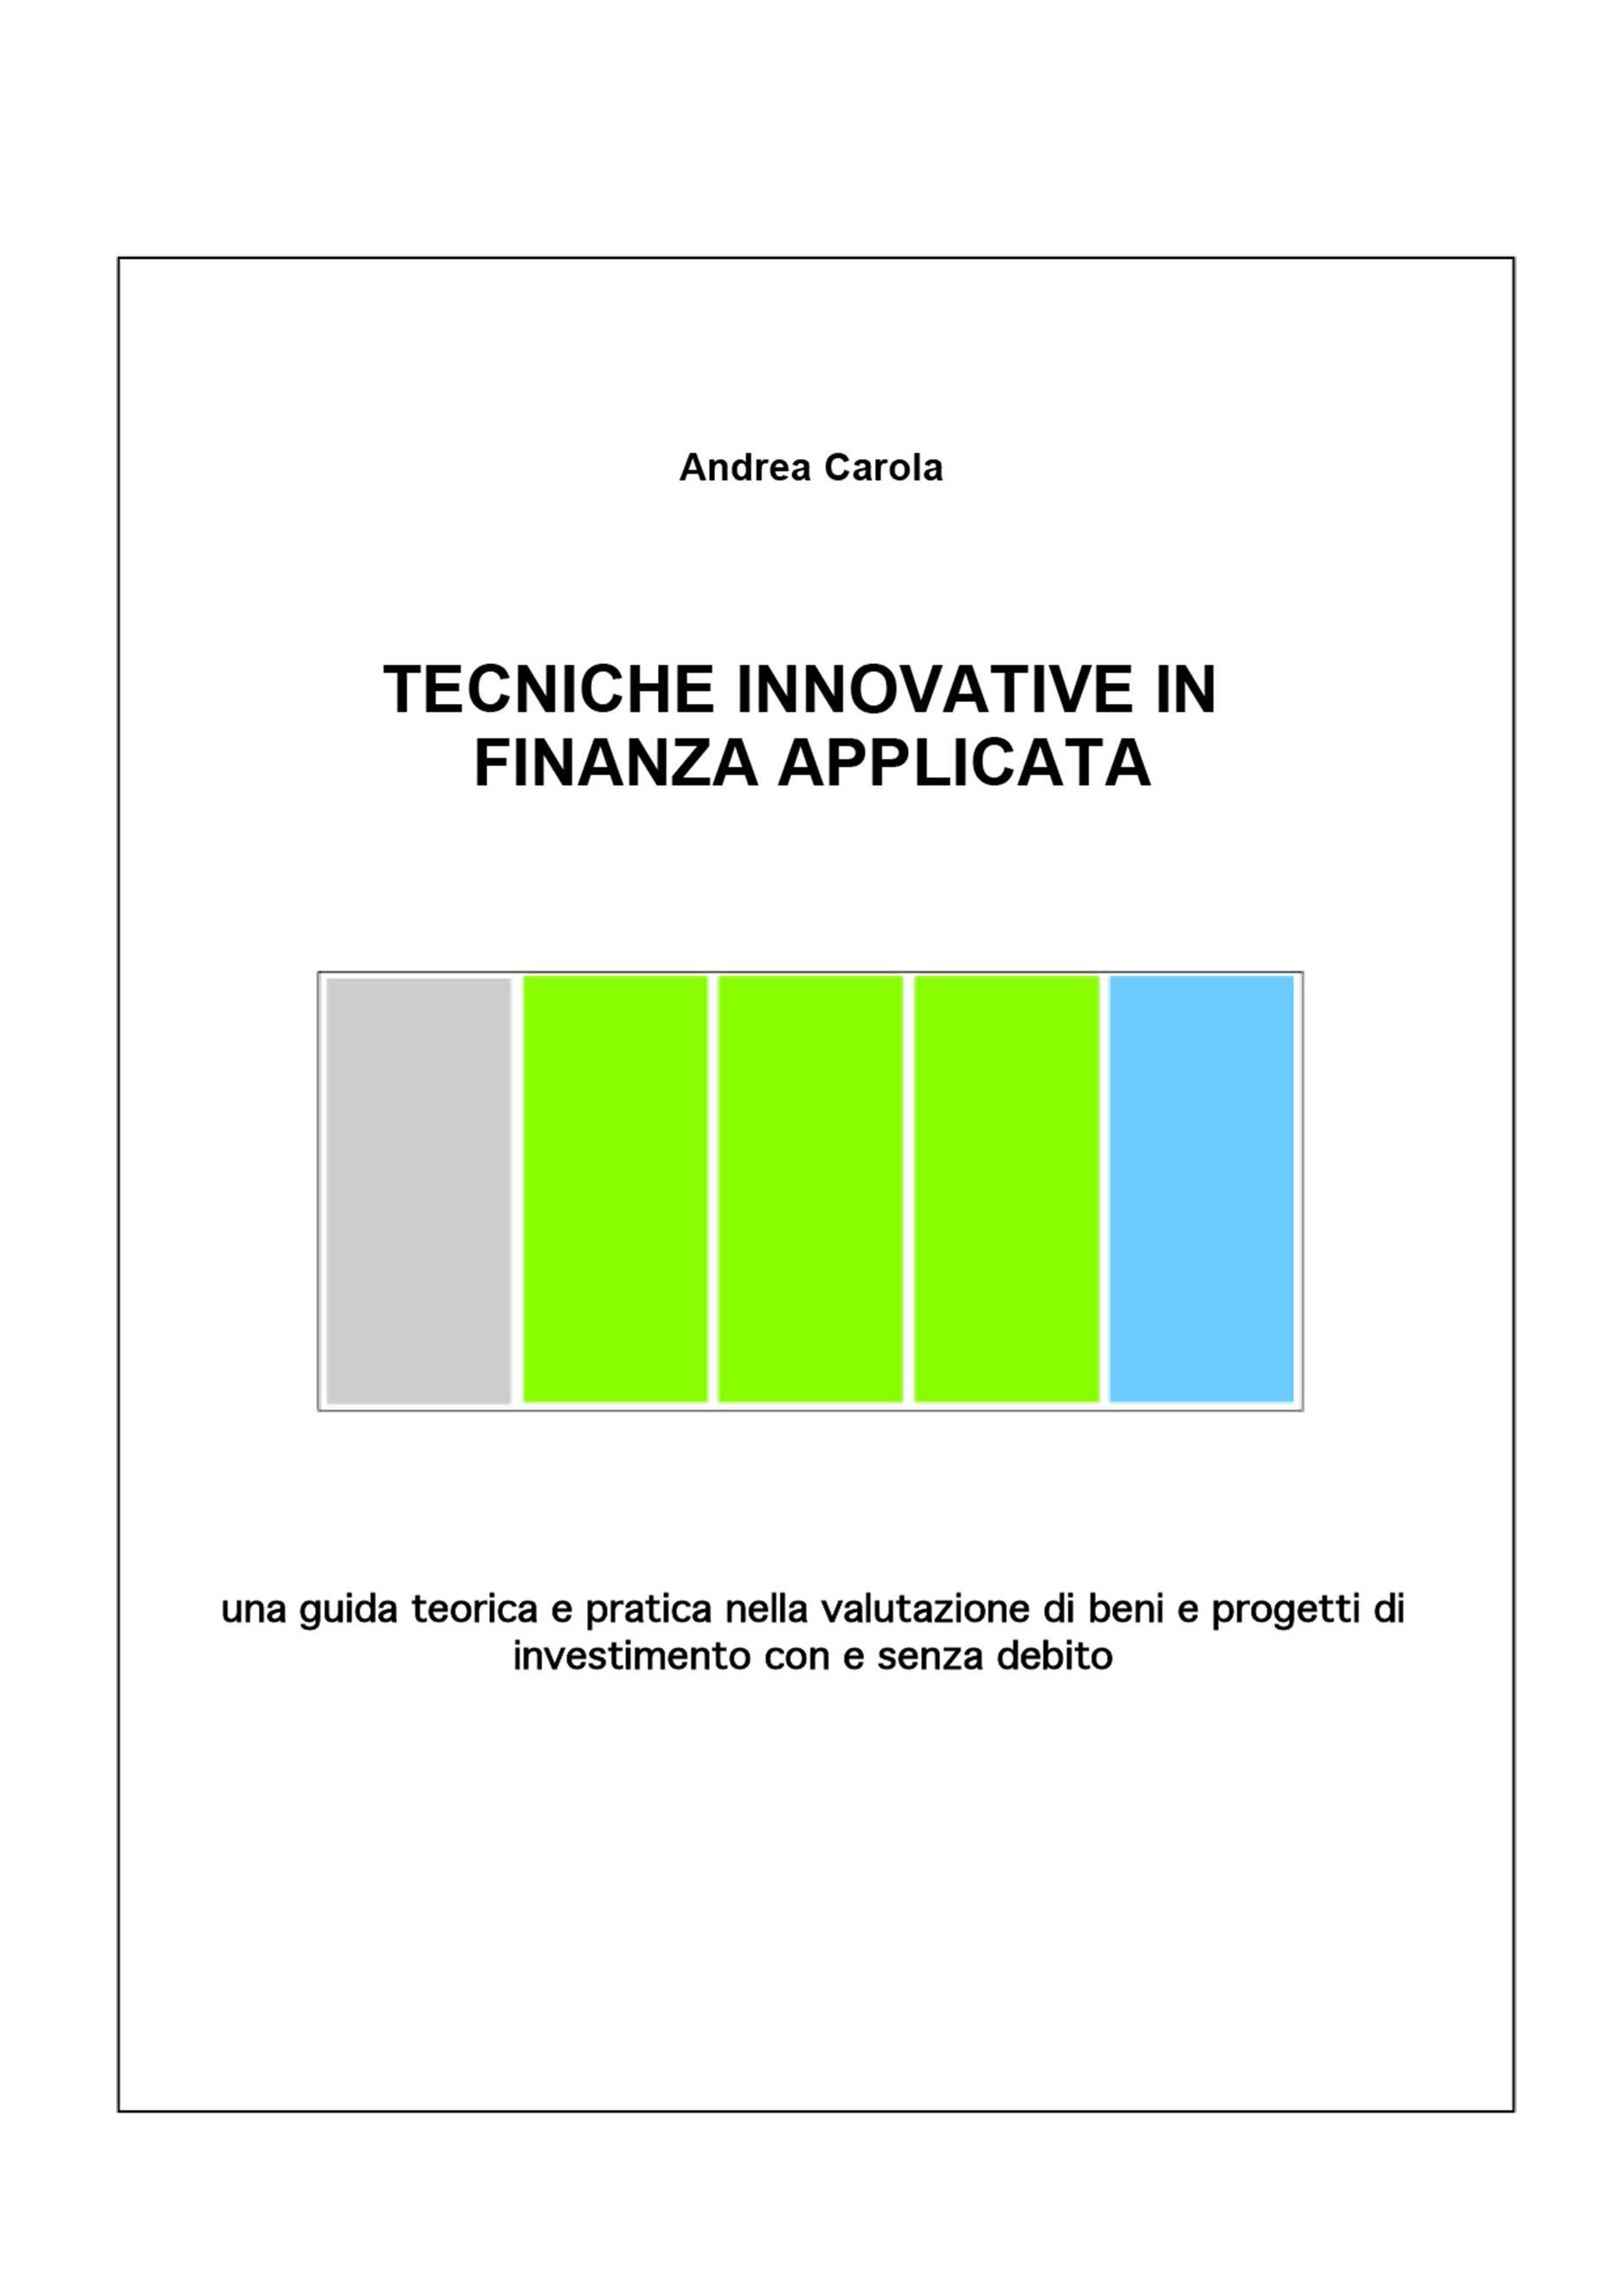 Tecniche Innovative in Finanza Applicata